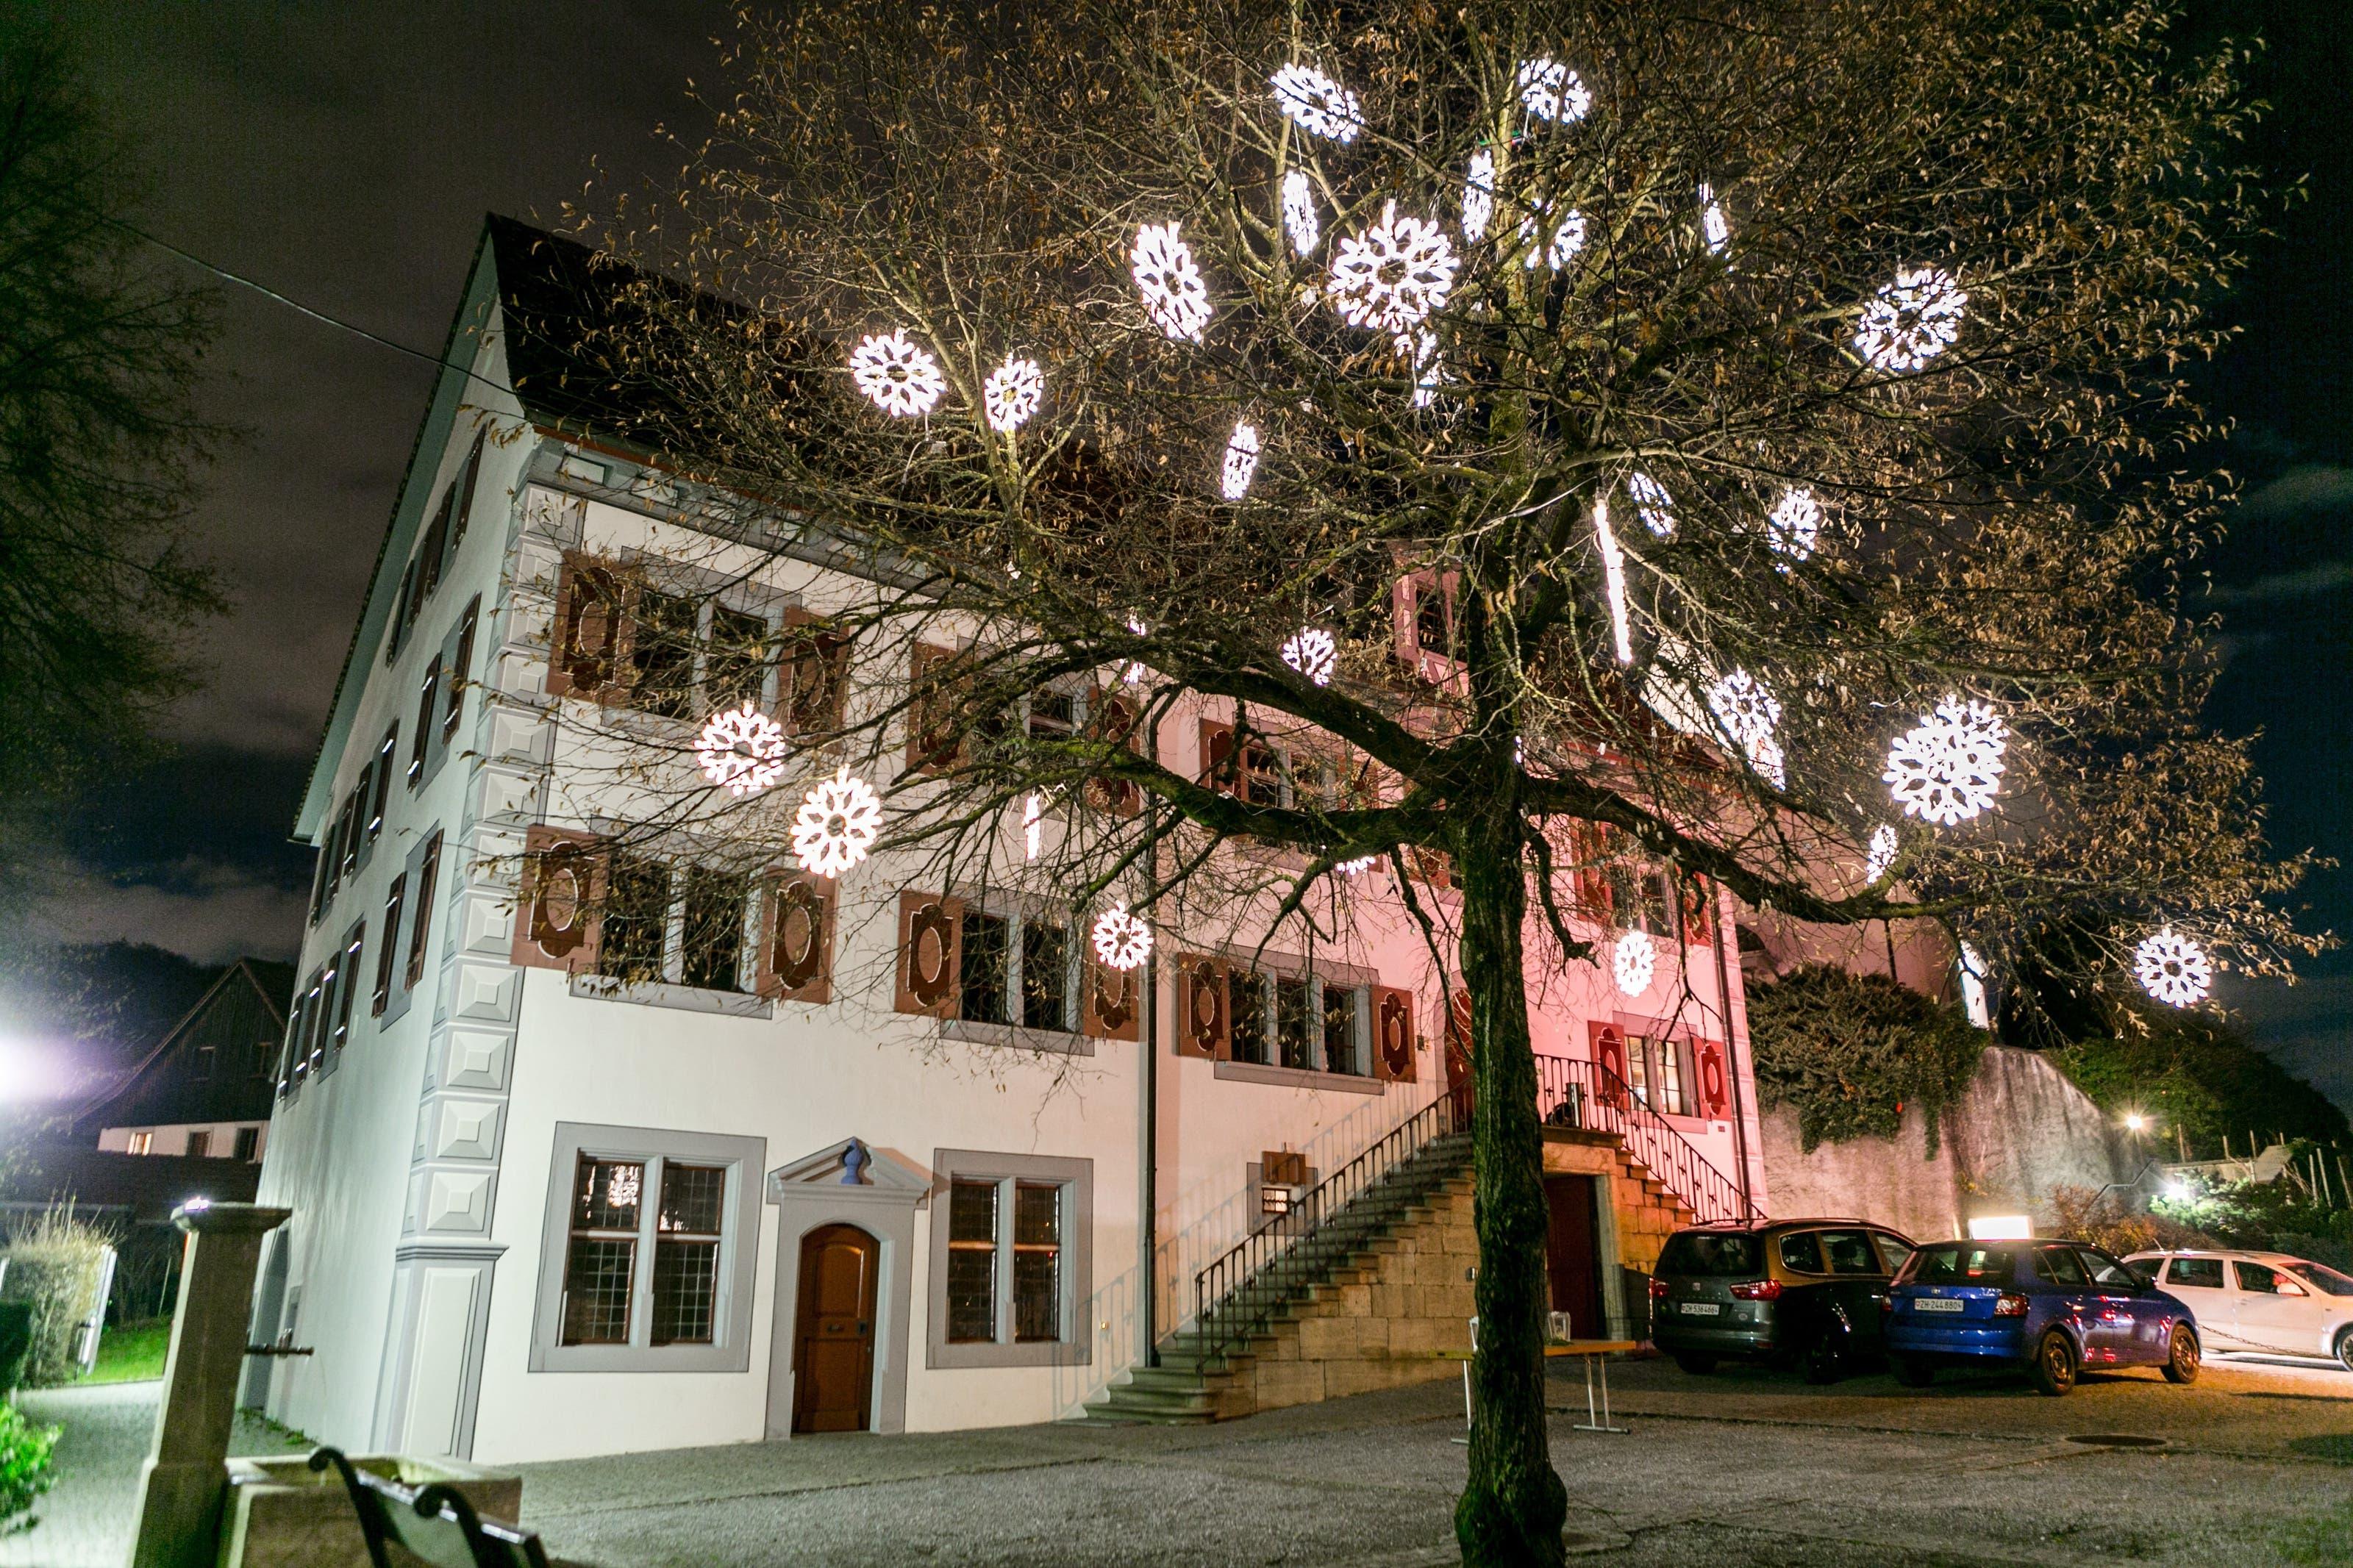 Weiningen Aufgrund der Strassenbauarbeiten im Dorf und in der Fahrweid verzichtet die Gemeinde Weiningen dieses Jahr auf eine Weihnachtsstrassenbeleuchtung. An der Linde vor dem Schlössli hängen aber zahlreiche leuchtende Schneekristalle.